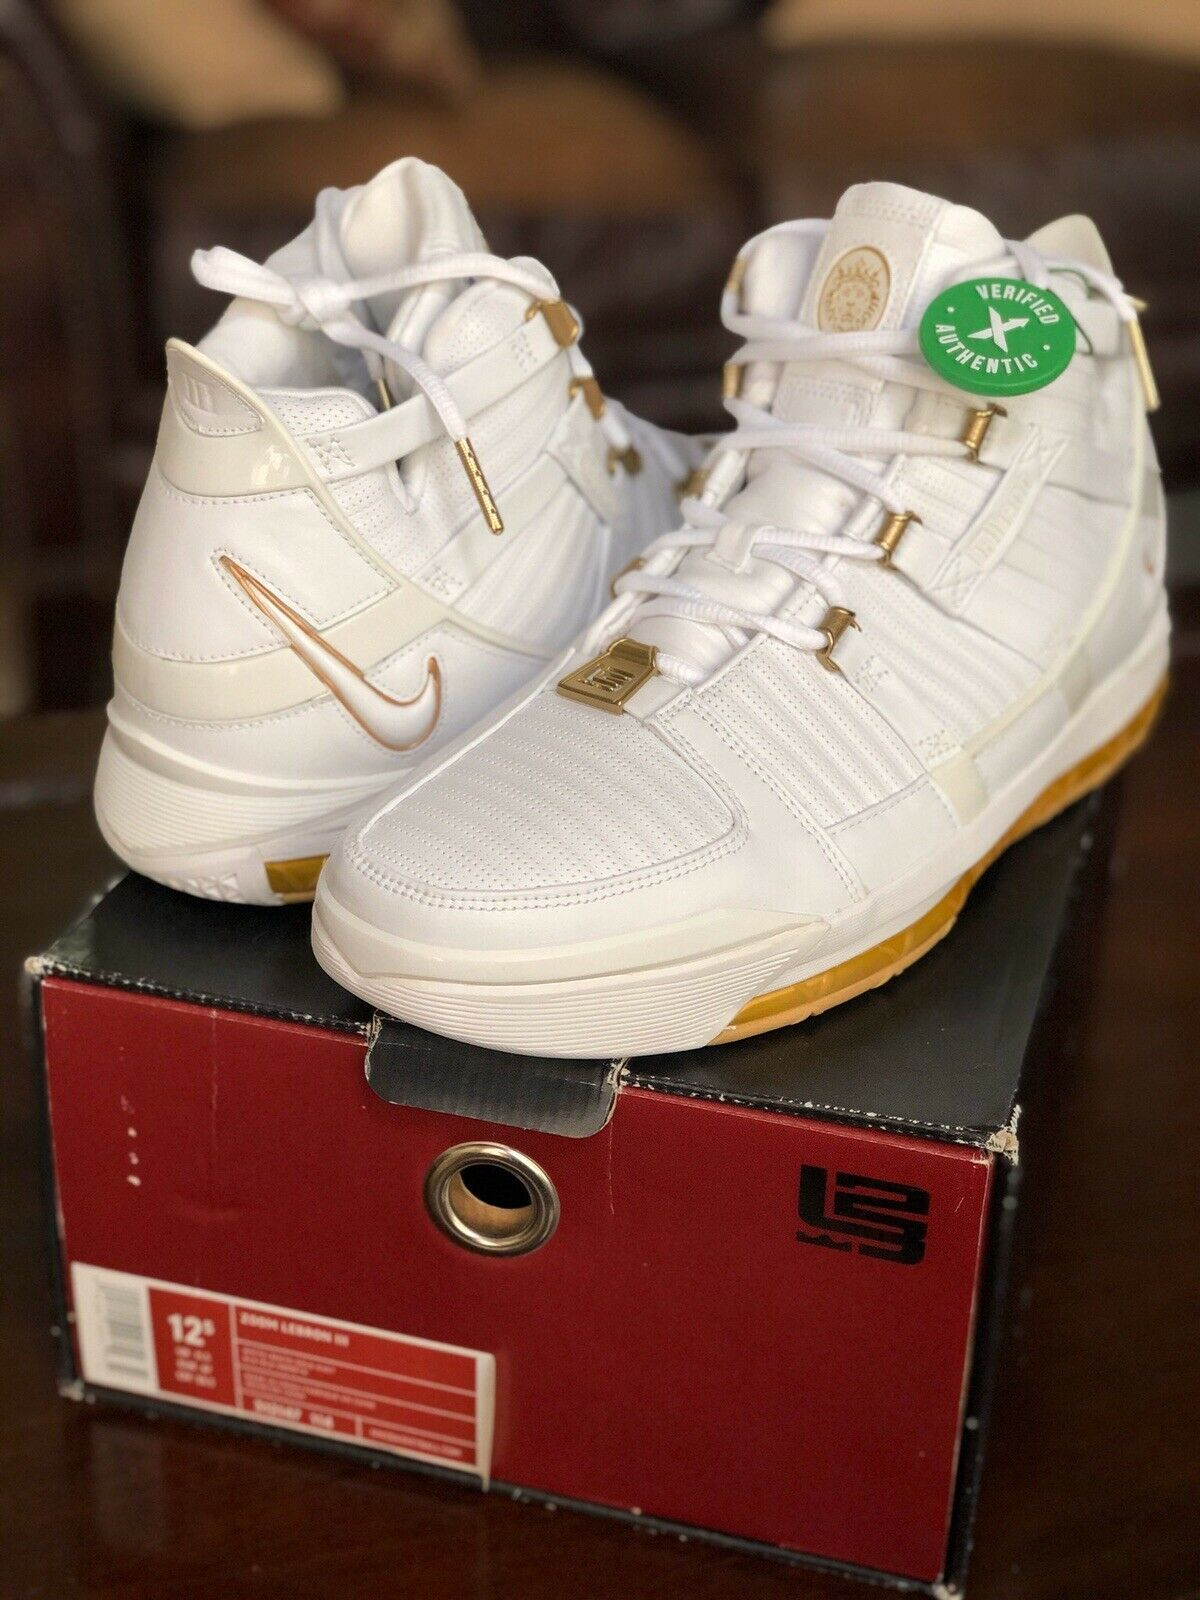 Nike Lebron 3 West Coast StockX